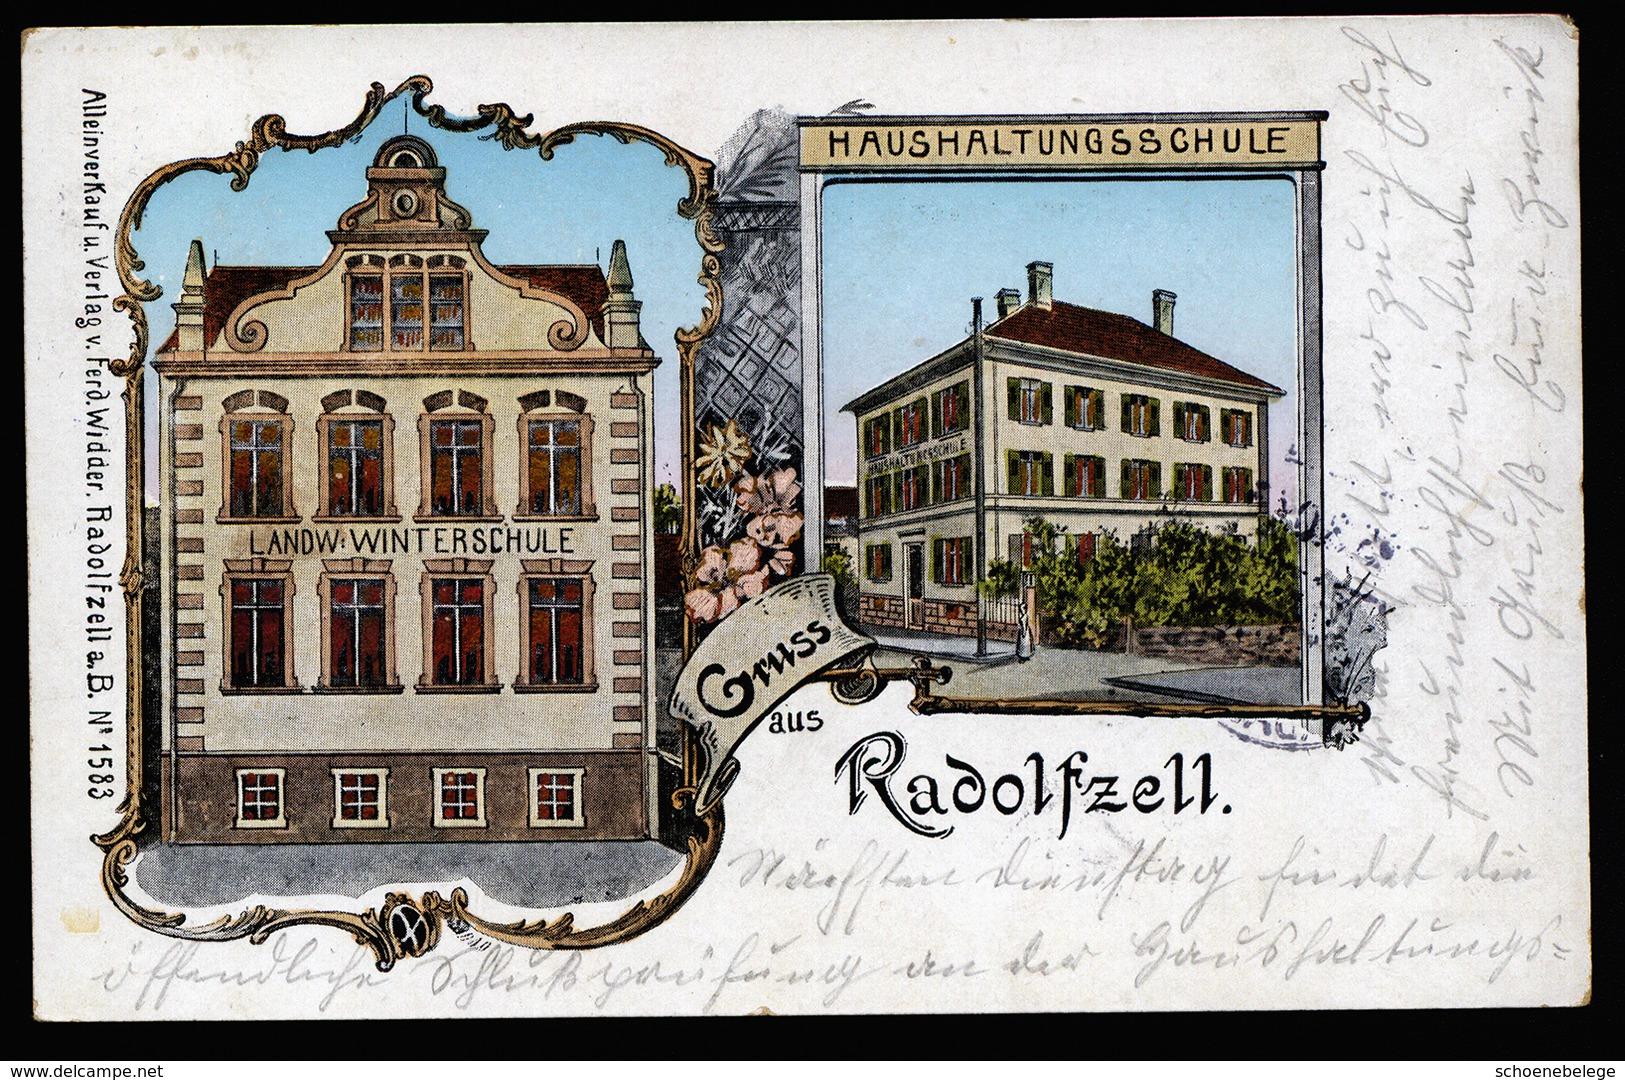 A5468) Ansichtskarte Radolfzell 1907 2 Schulen Gebraucht Used - Radolfzell